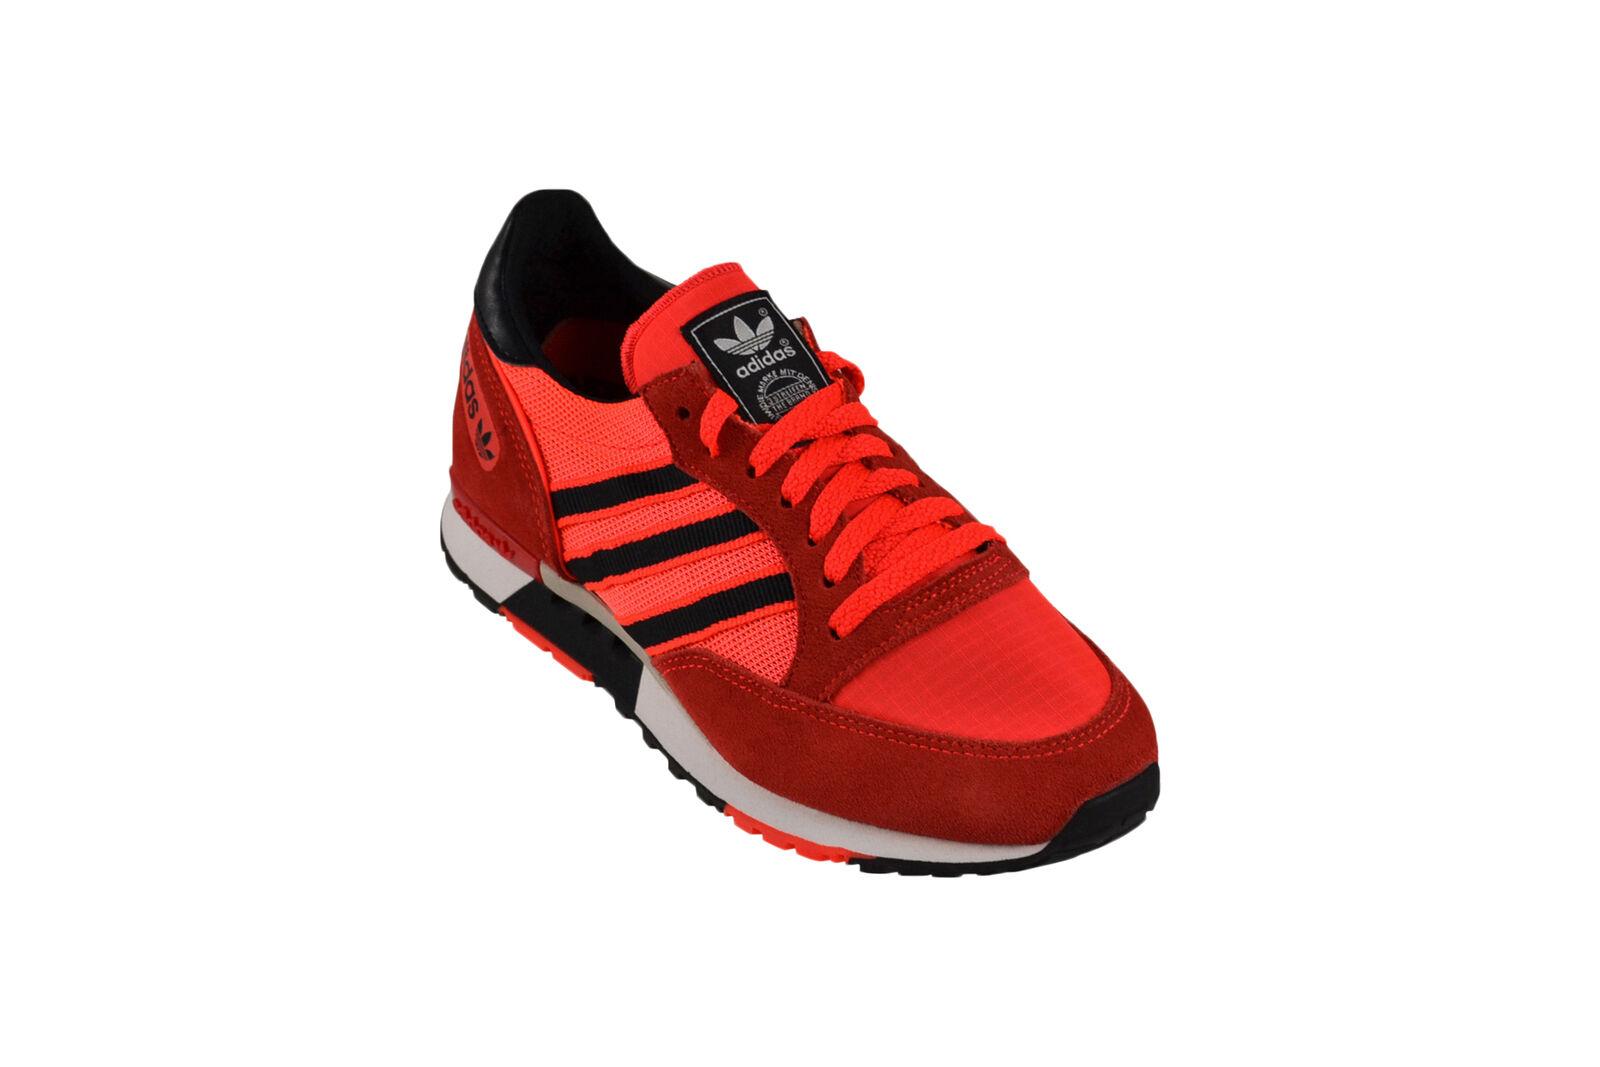 Adidas Phantom infROT/schwarz1/whtvap Sneaker/Schuhe rot Q23423